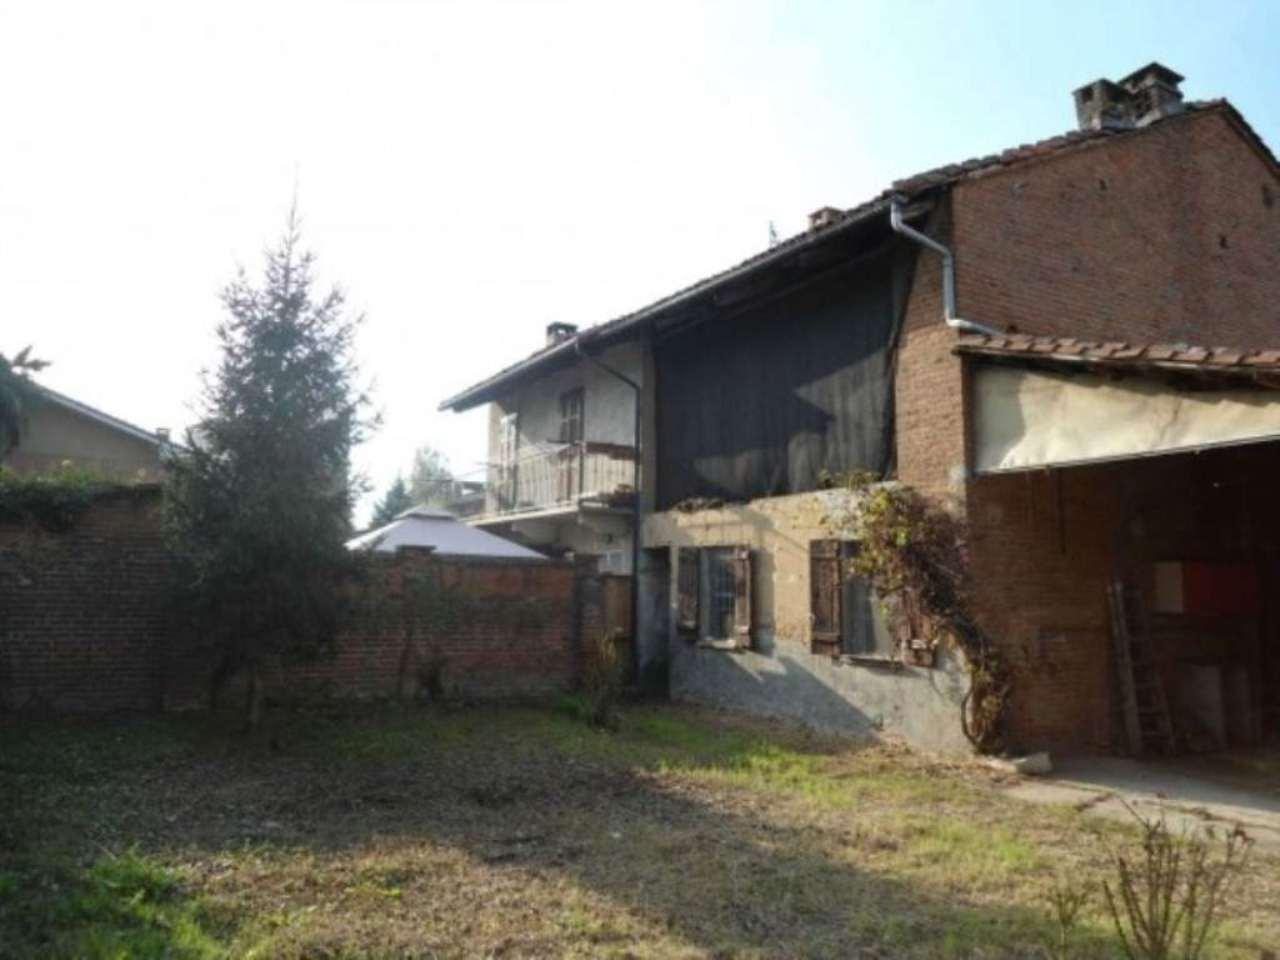 Rustico / Casale in vendita a Cellarengo, 6 locali, prezzo € 49.000 | Cambio Casa.it